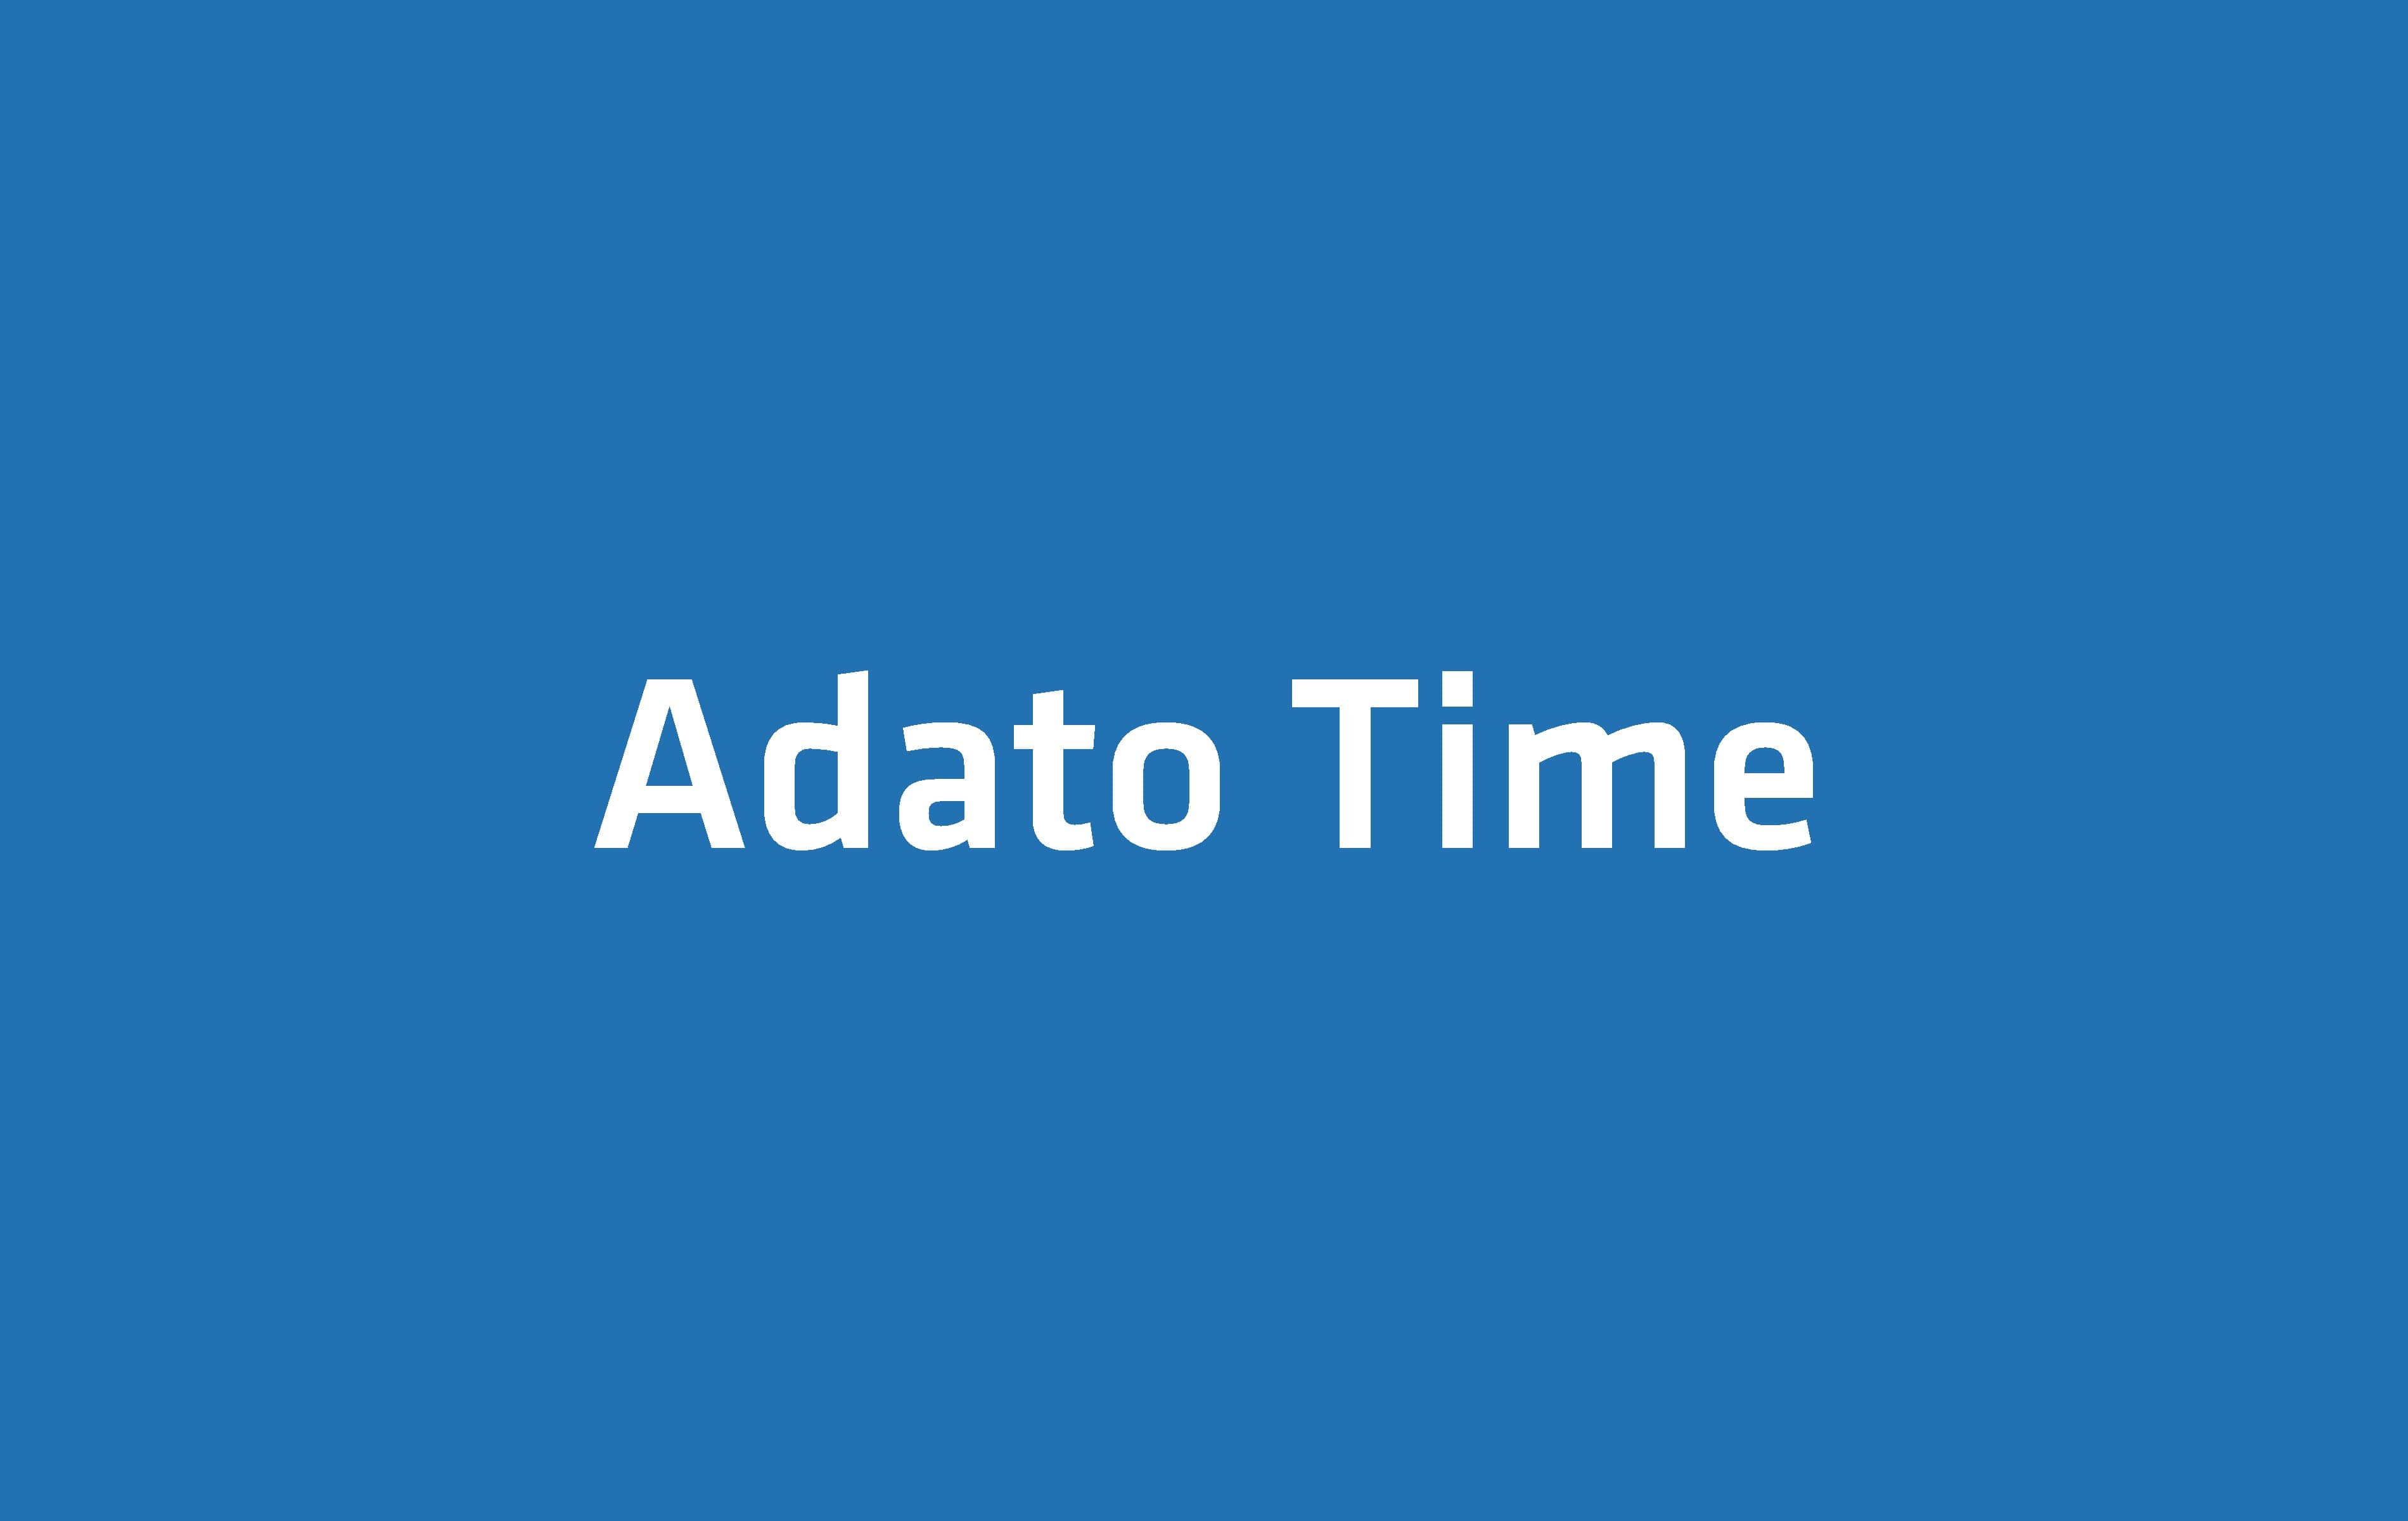 Neu können unsere Mitarbeiter und Kunden bequem über unsere Adato Time Stunden erfassen und korrigieren wie auch Rechnungen und Zahlungen einsehen. Zudem stehen jegliche Dokumente wie z.B. Lohnabrechnungen, Formulare für Zwischenverdienst, Lohnausweise, etc. jederzeit bequem zu Verfügung. Einfach die App im Google Storedownloaden, installieren und mit den bisherigen Zugangsdaten einloggen. Fertig! Wir wünschen viel Spass!